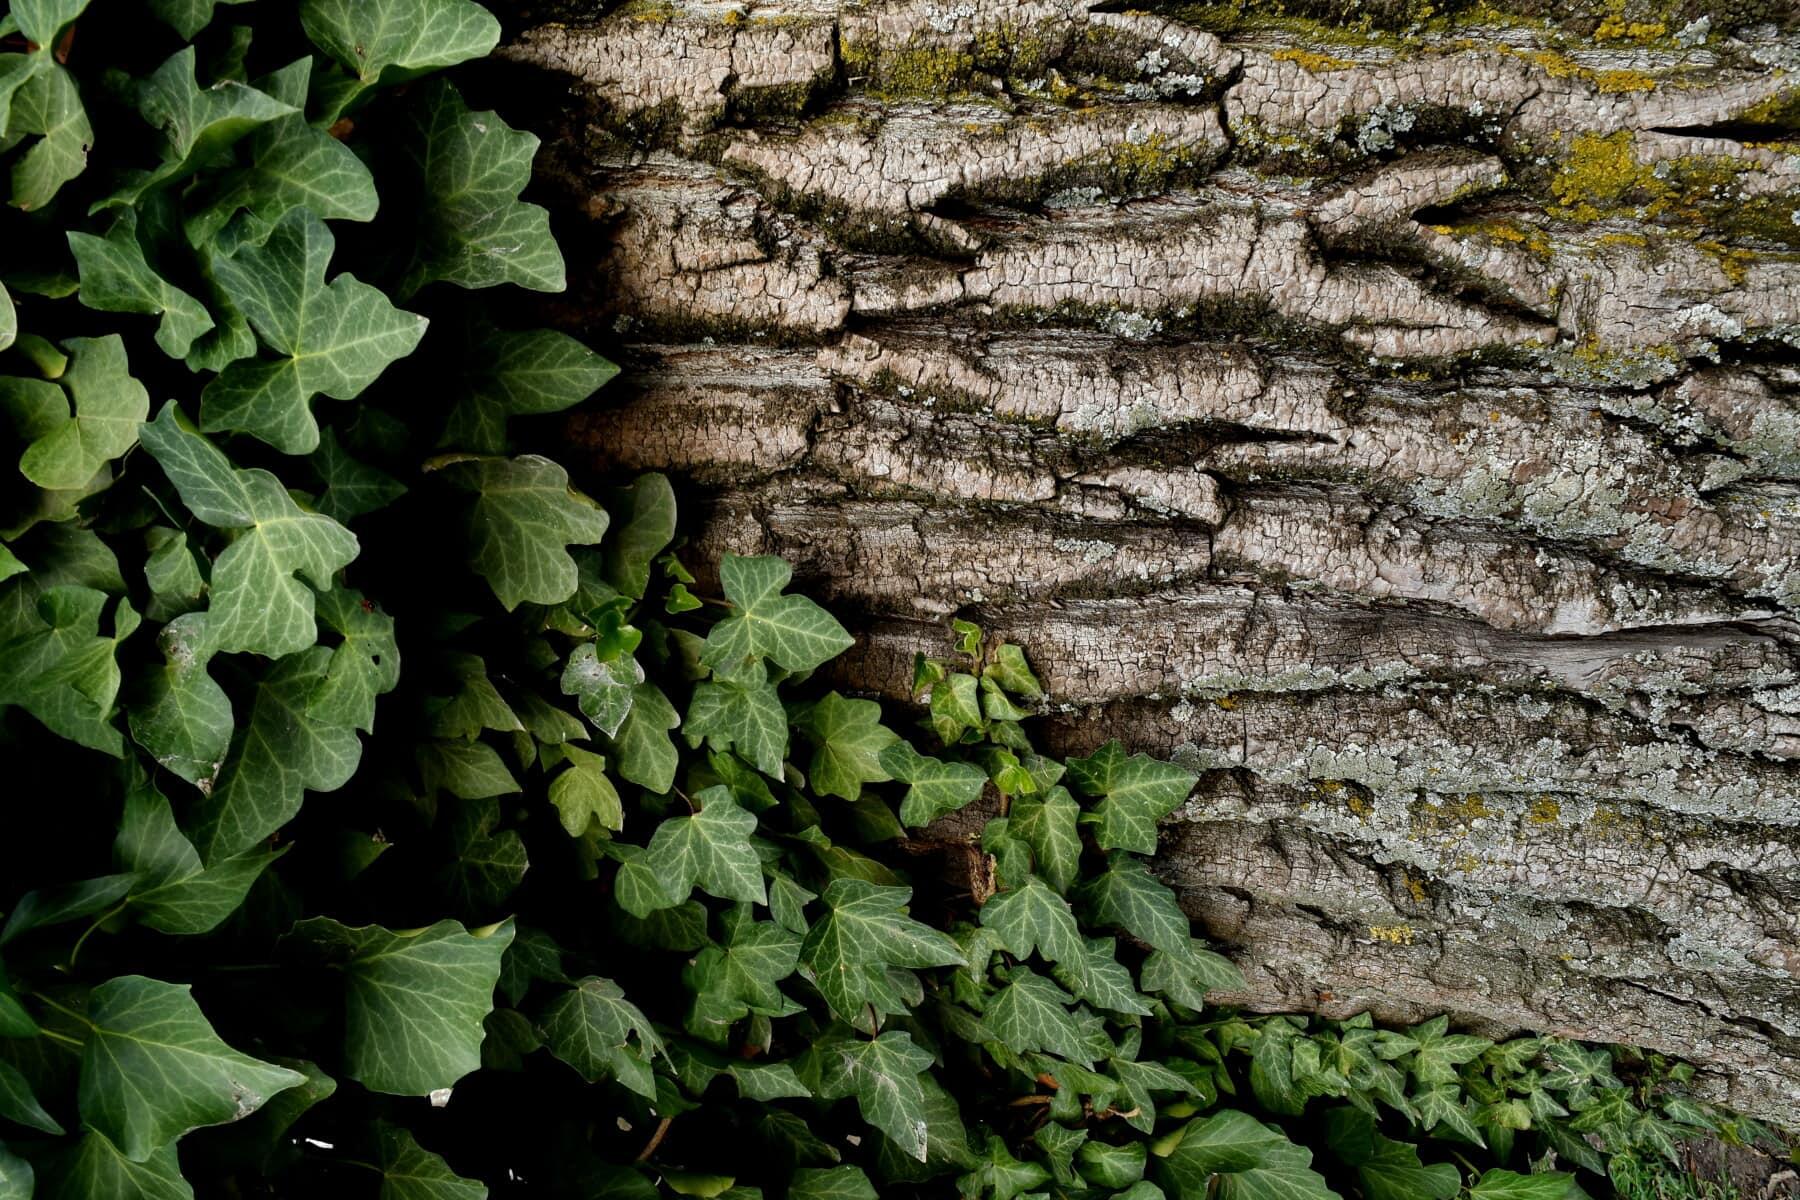 lierre, arbre, écorce, cortex, lichen, champignon, parasit, barrière, feuille, nature